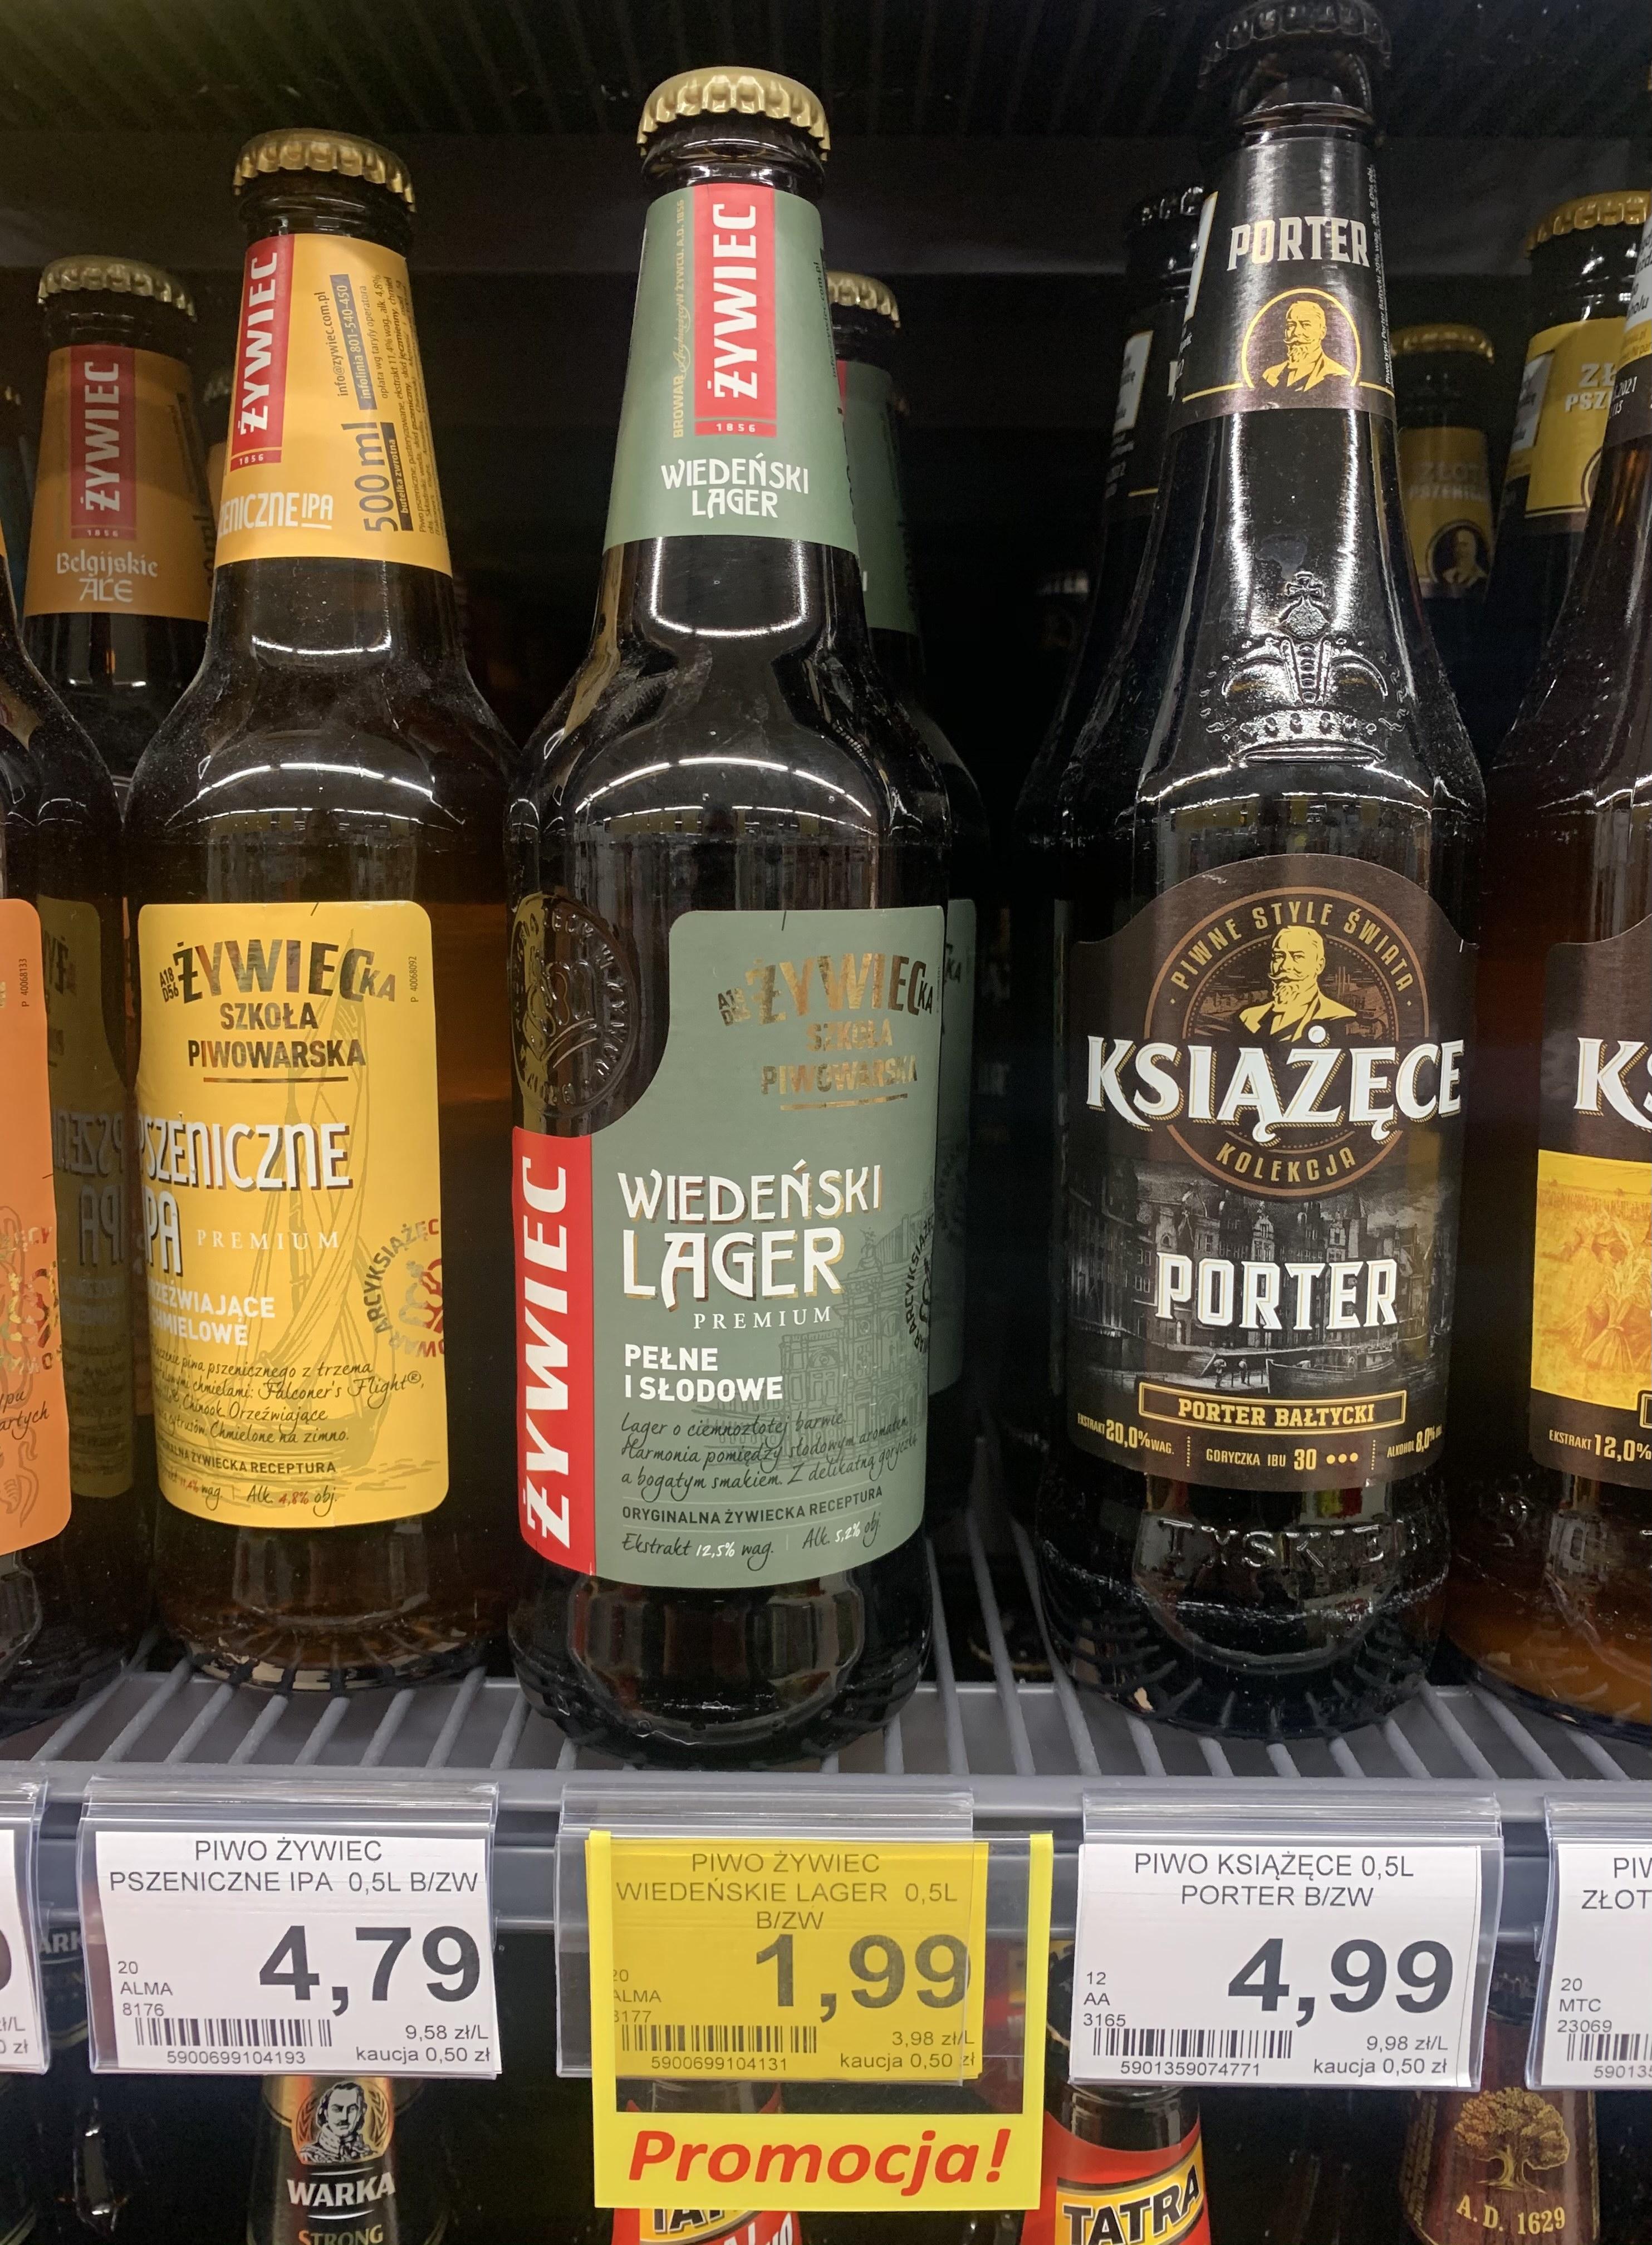 Piwo Żywiec Wiedeński Lager 0,5 l Lewiatan Sędziszów